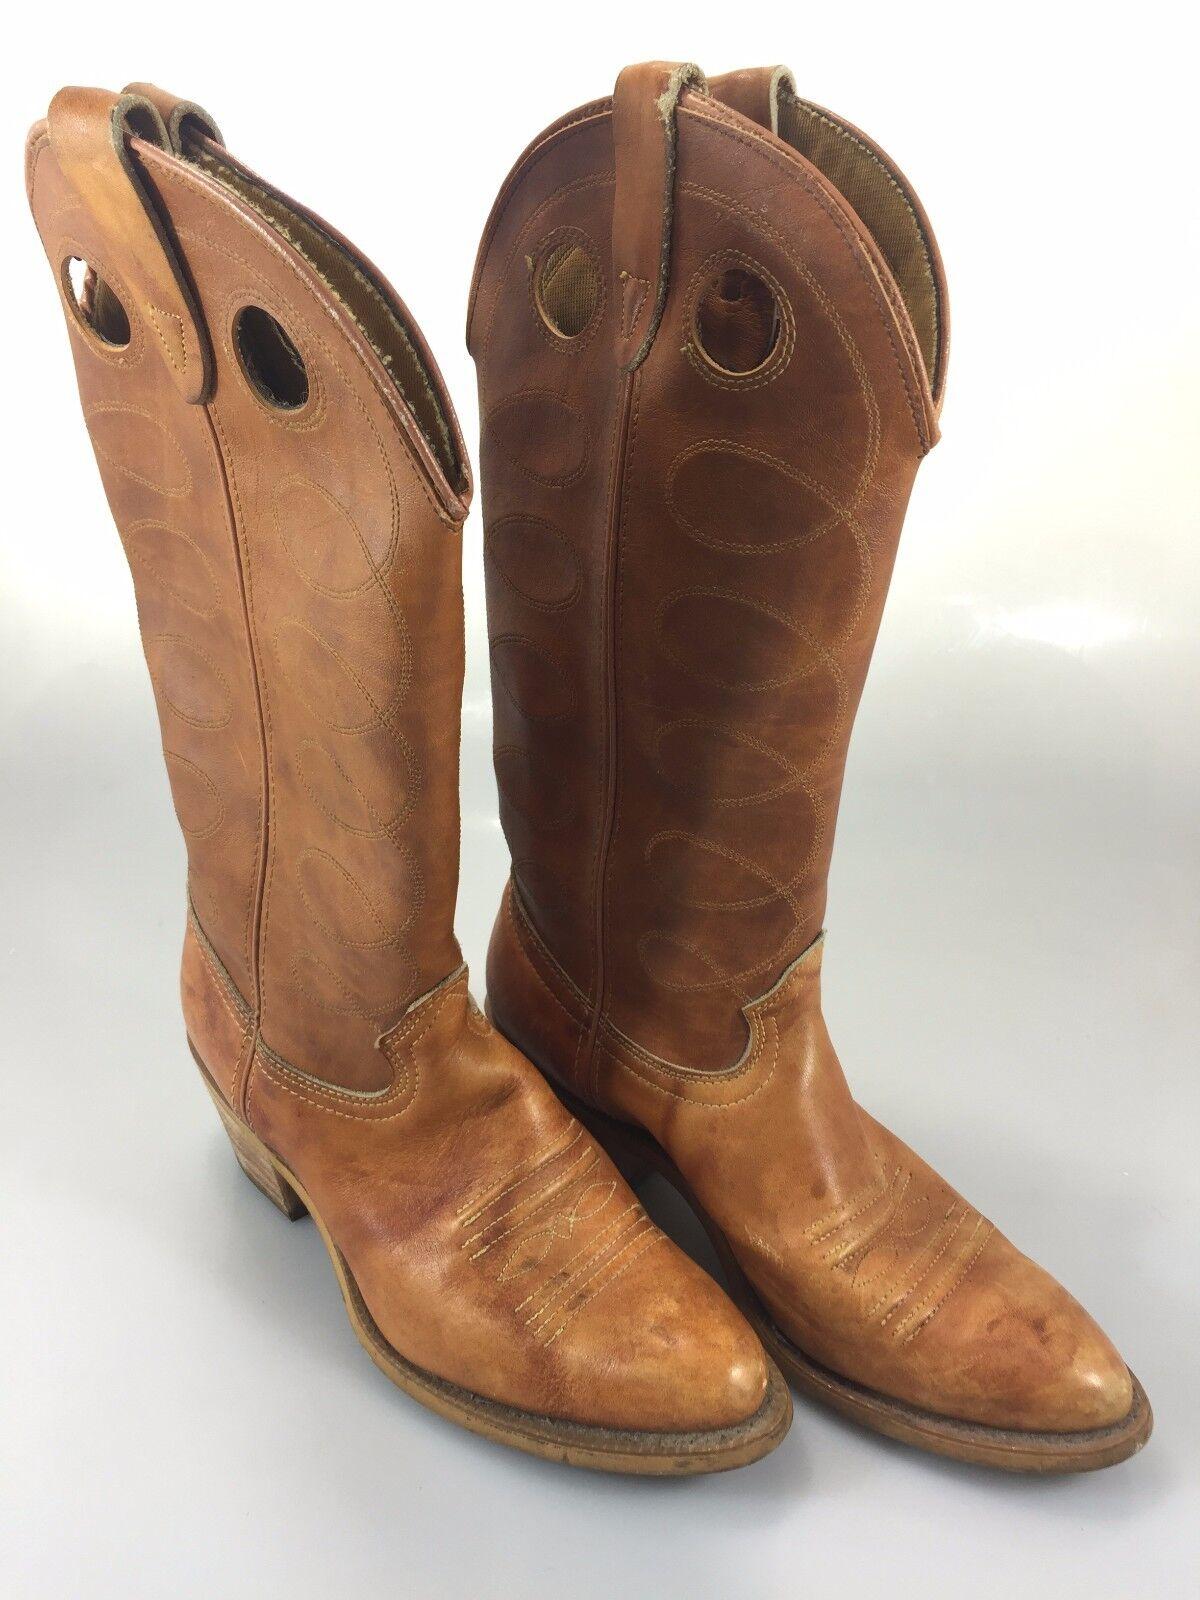 Texas Brand damen 7.5M Cowboy Stiefel braun 14.75  high Made in USA